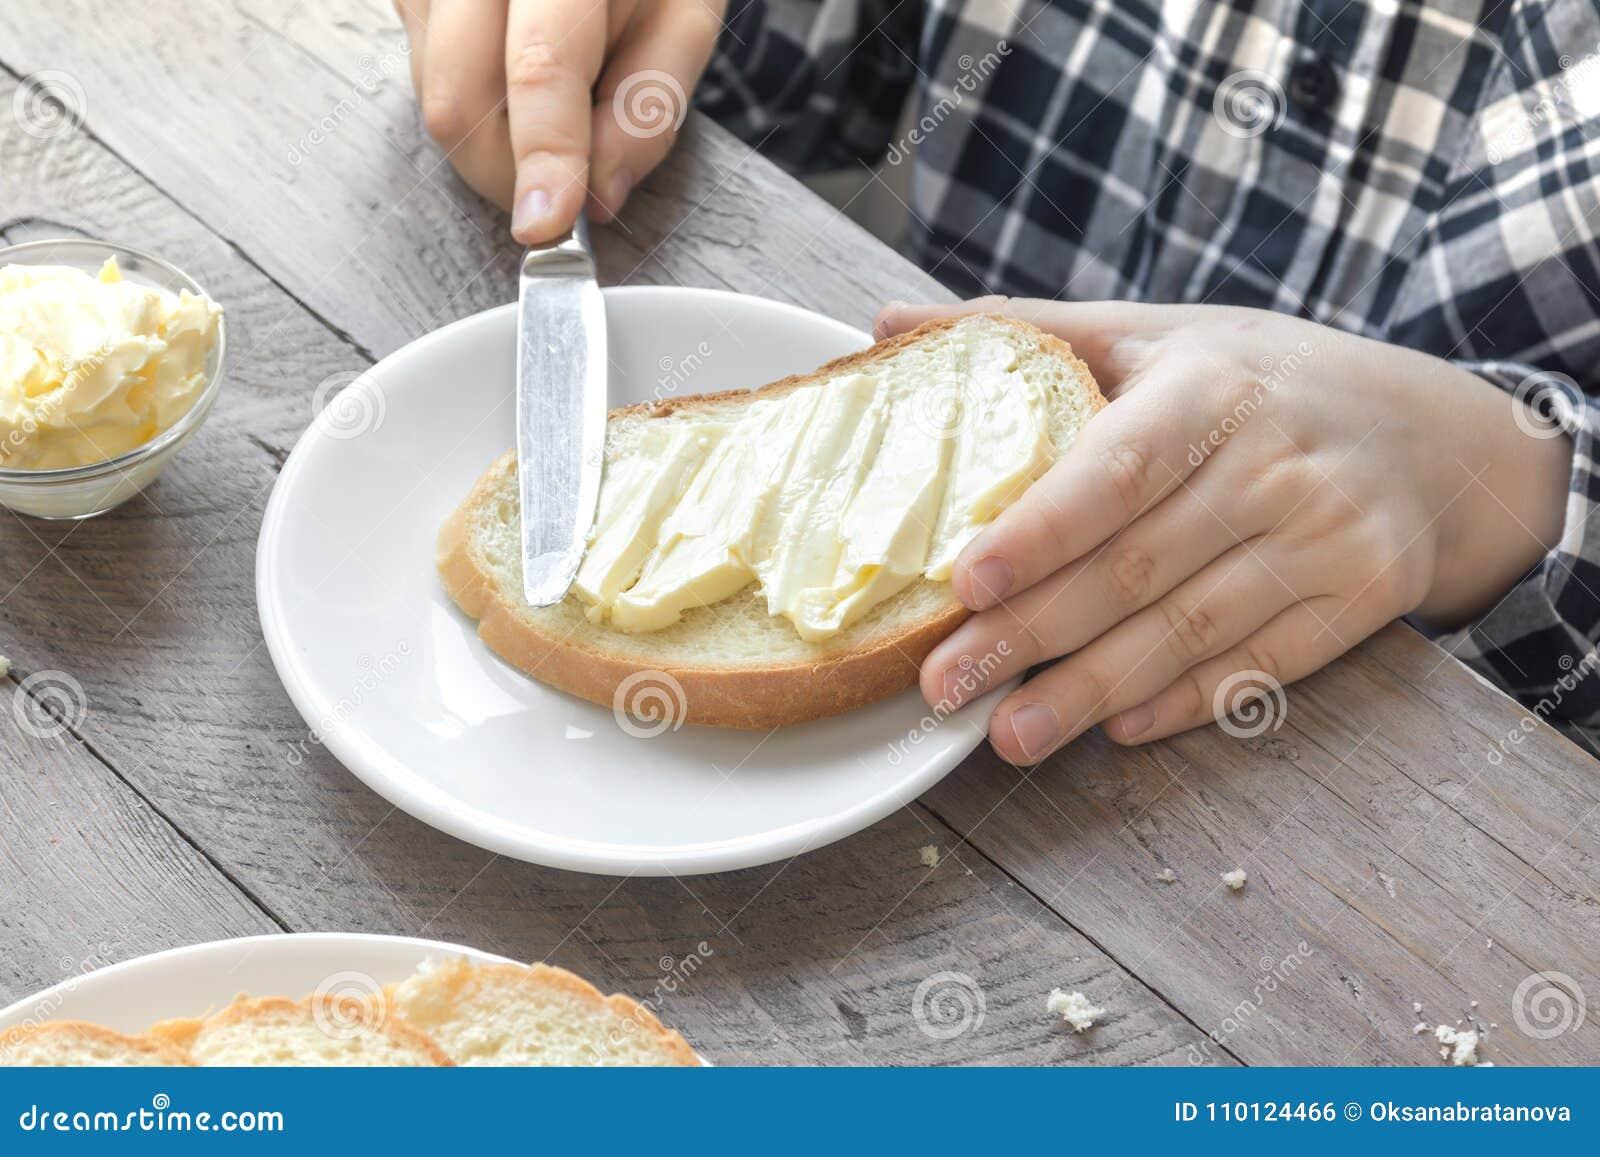 Mains répandant le beurre sur le pain